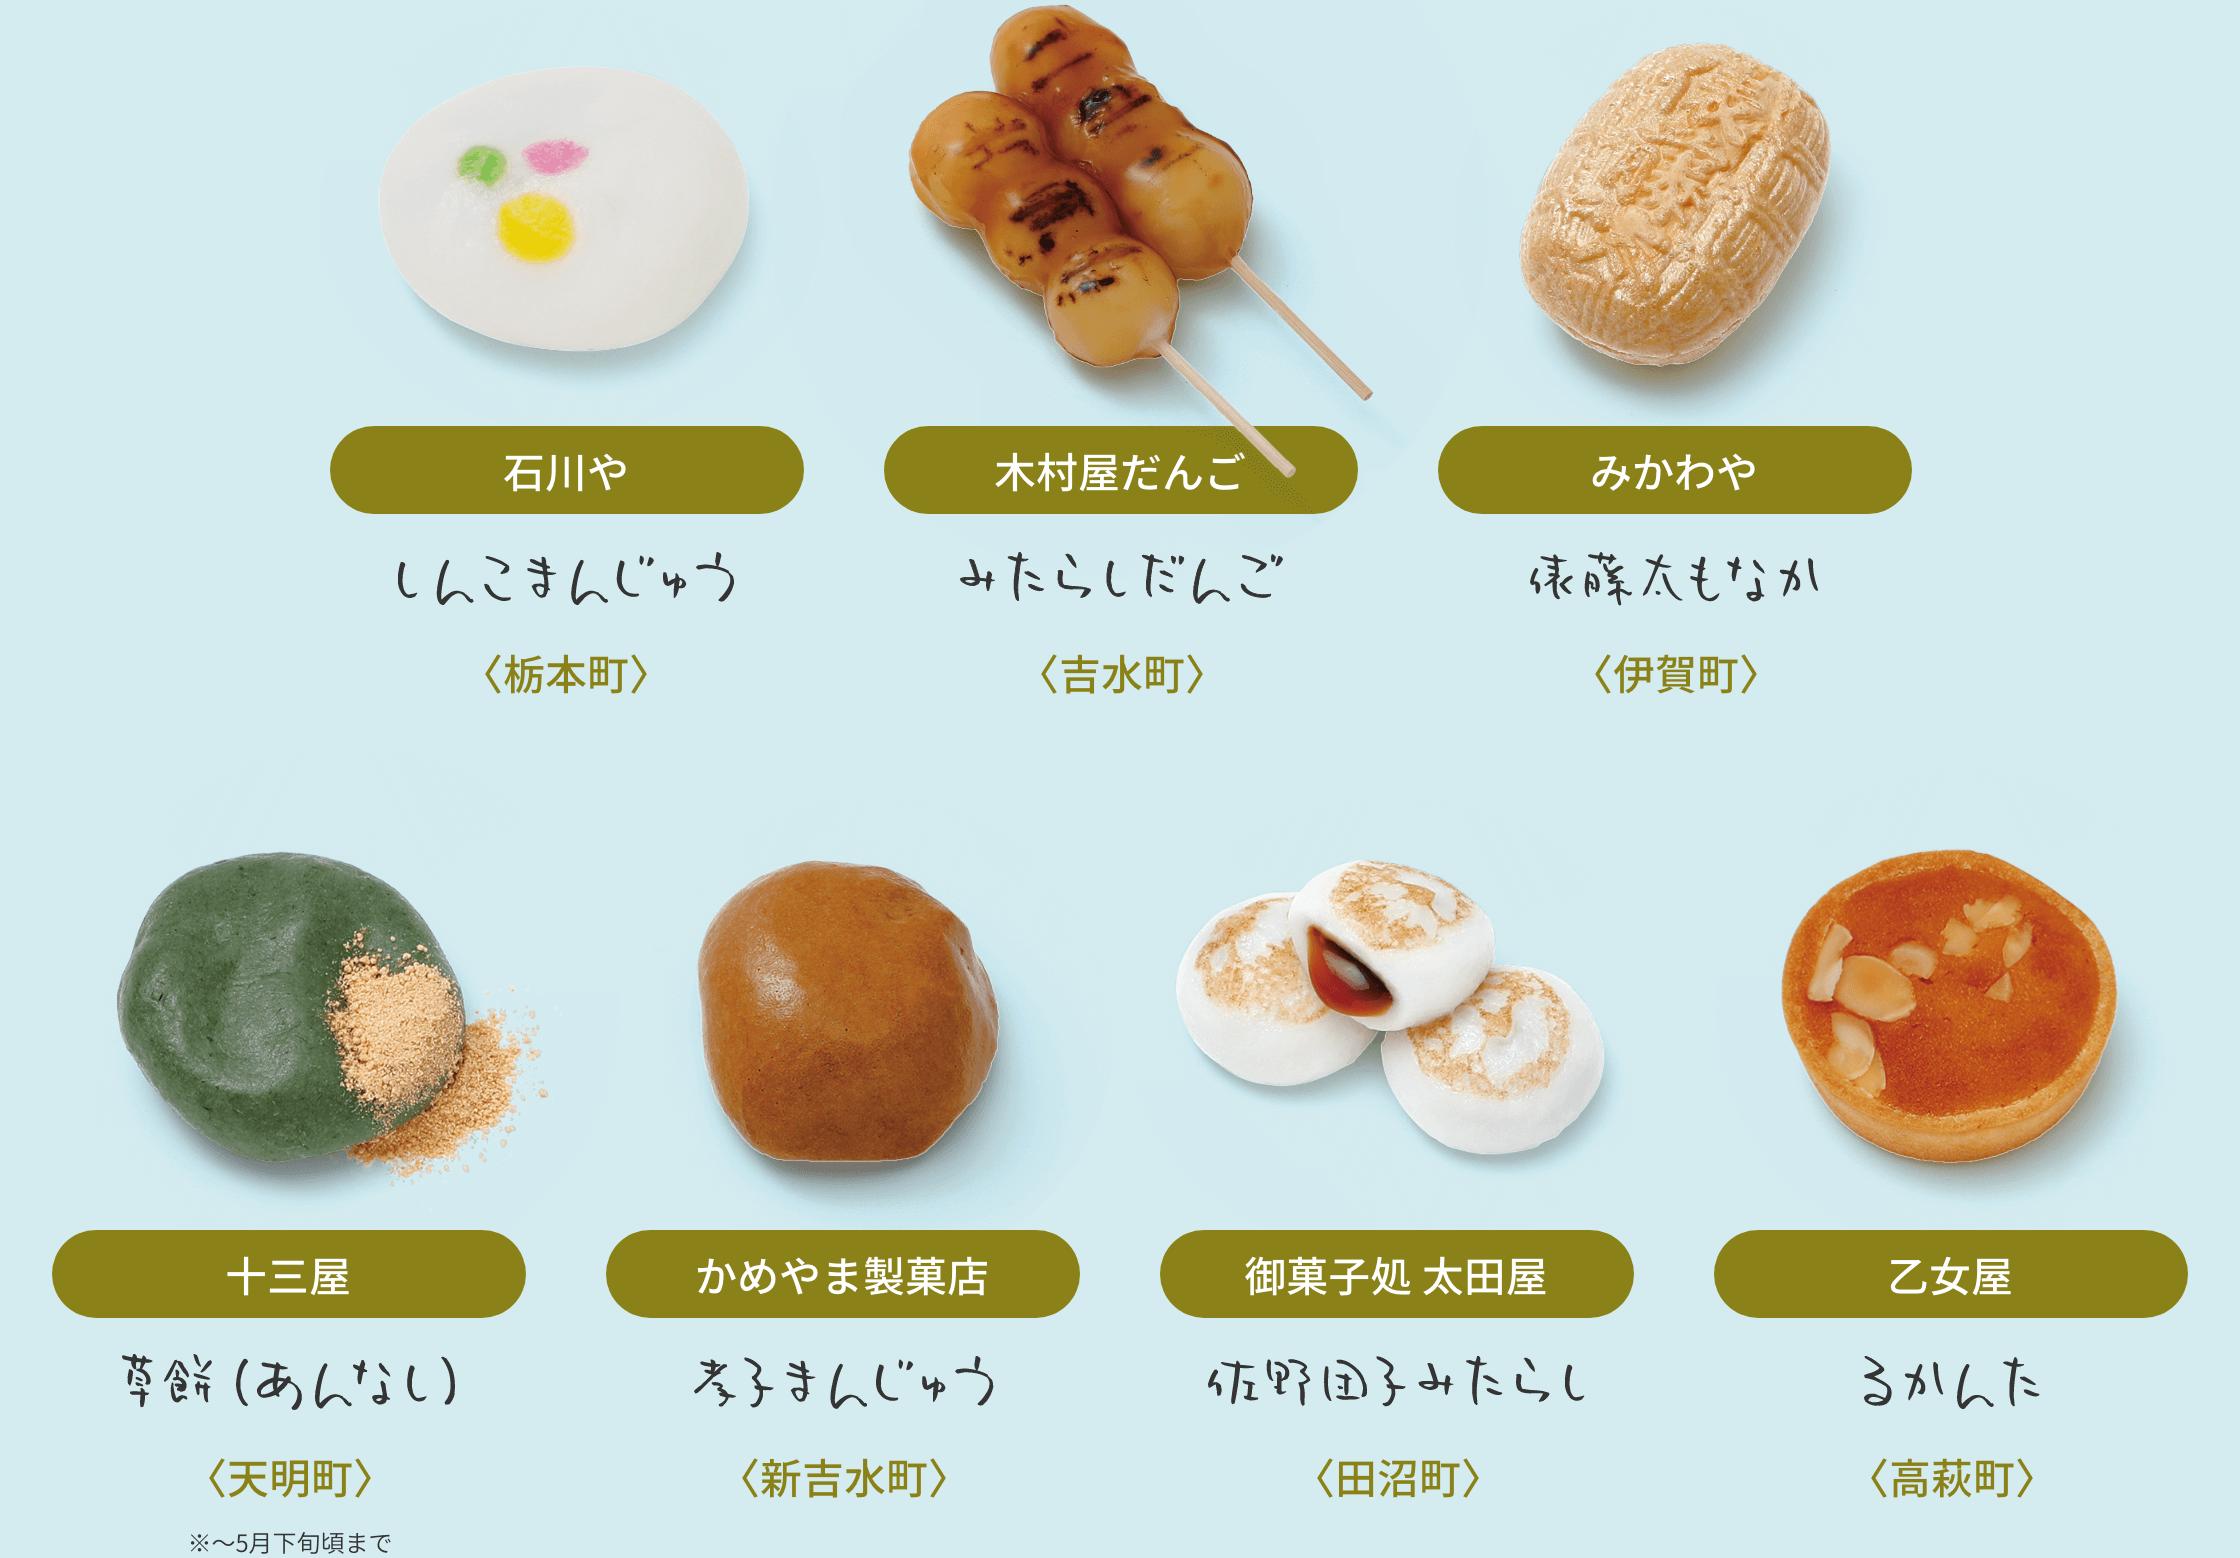 定番のものから季節限定まで、まだまだあります佐野市内で買える美味しい和菓子。一人で食べても、お土産にしても。和菓子でちょっと和んでみませんか。